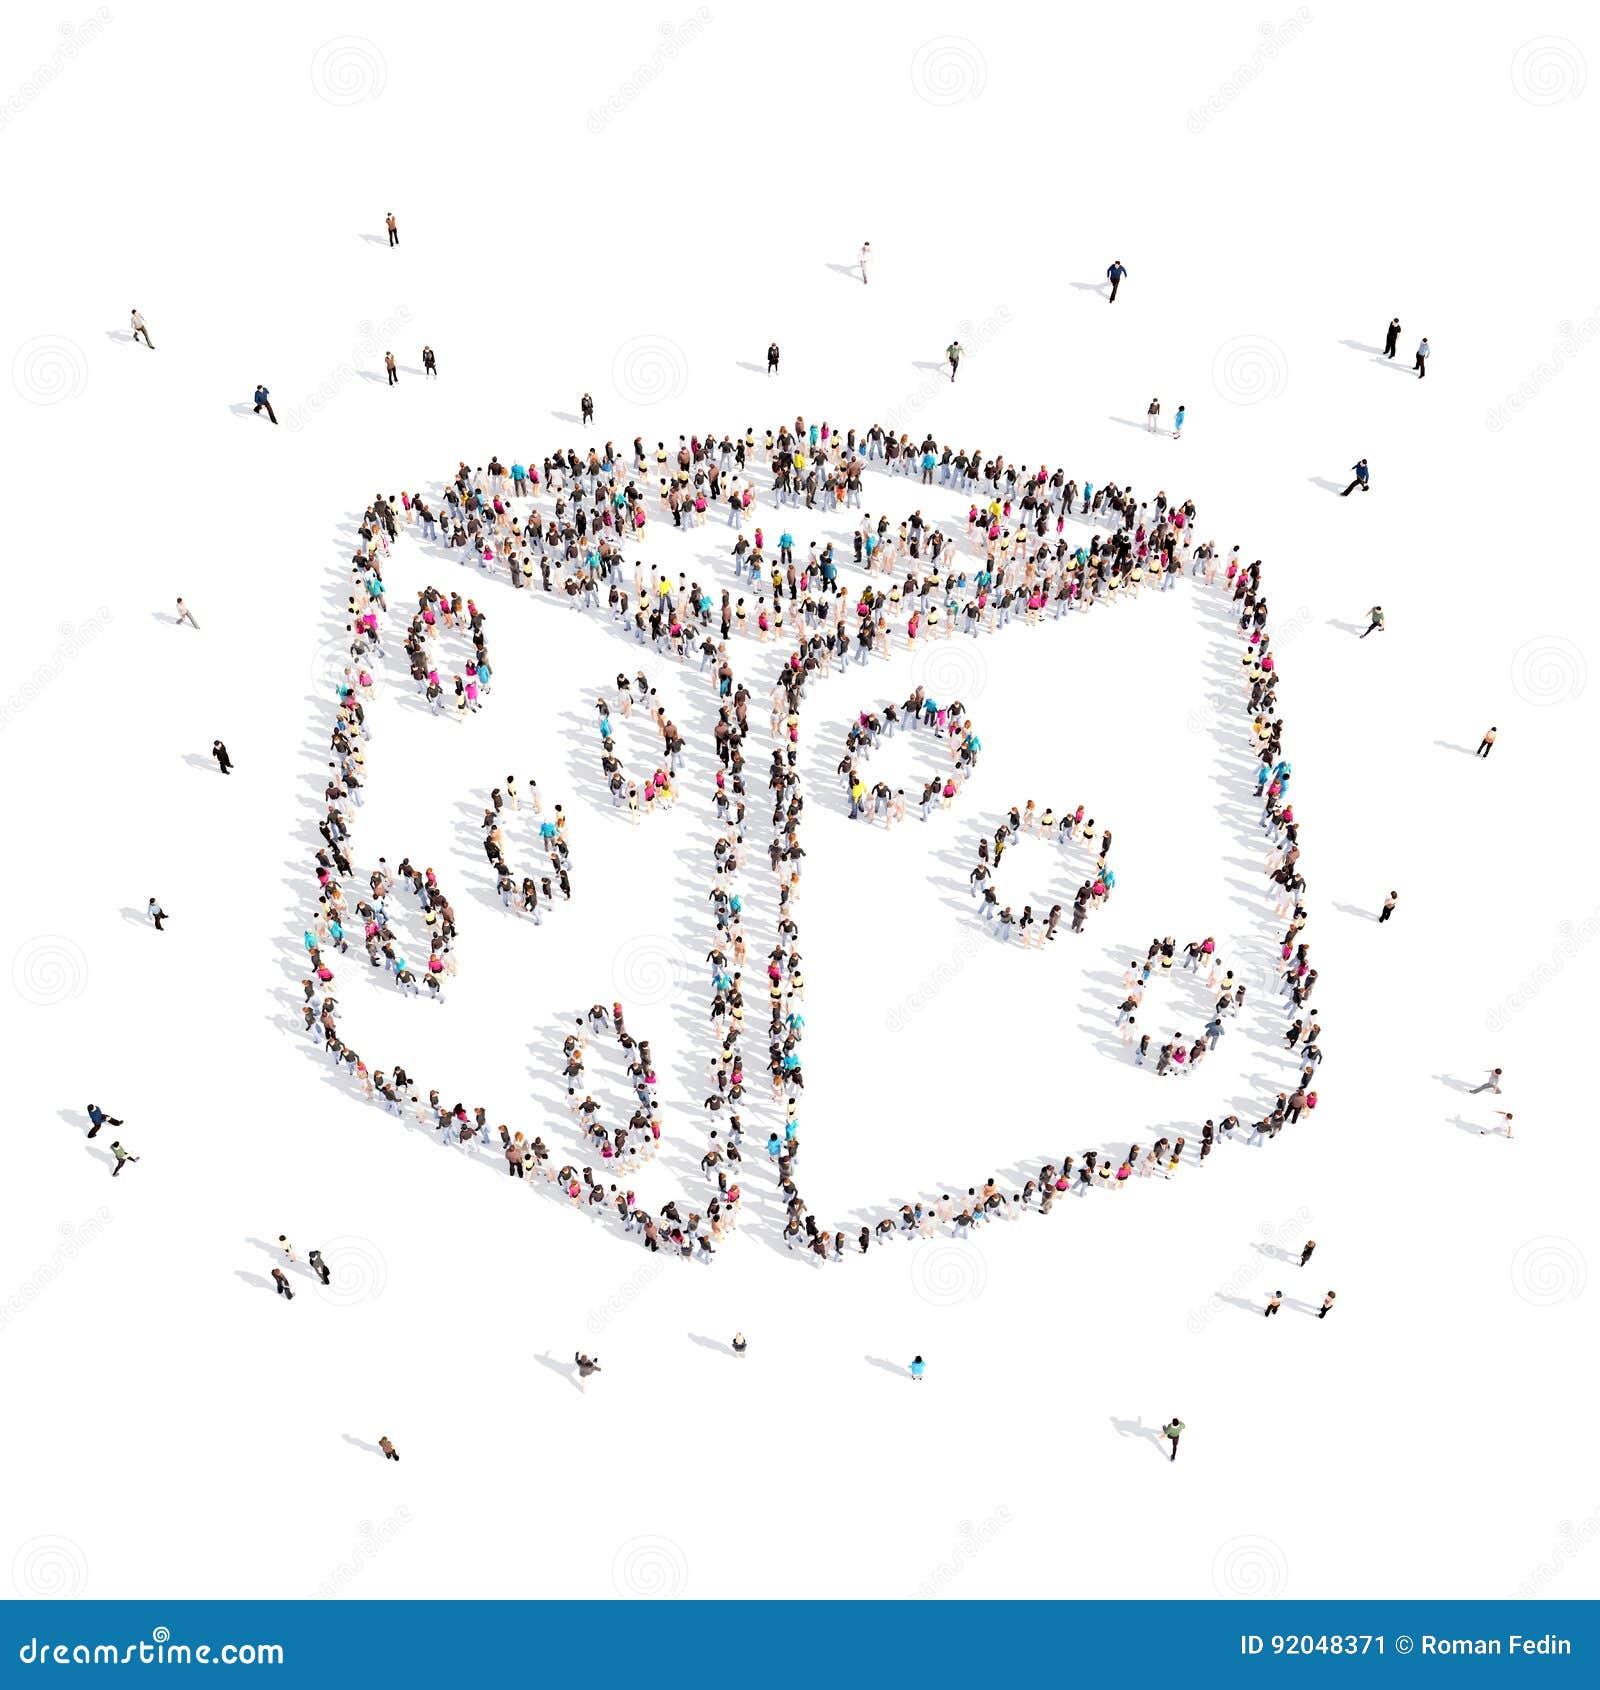 Les gens marchant dans une matrice illustration 3D rendu 3d